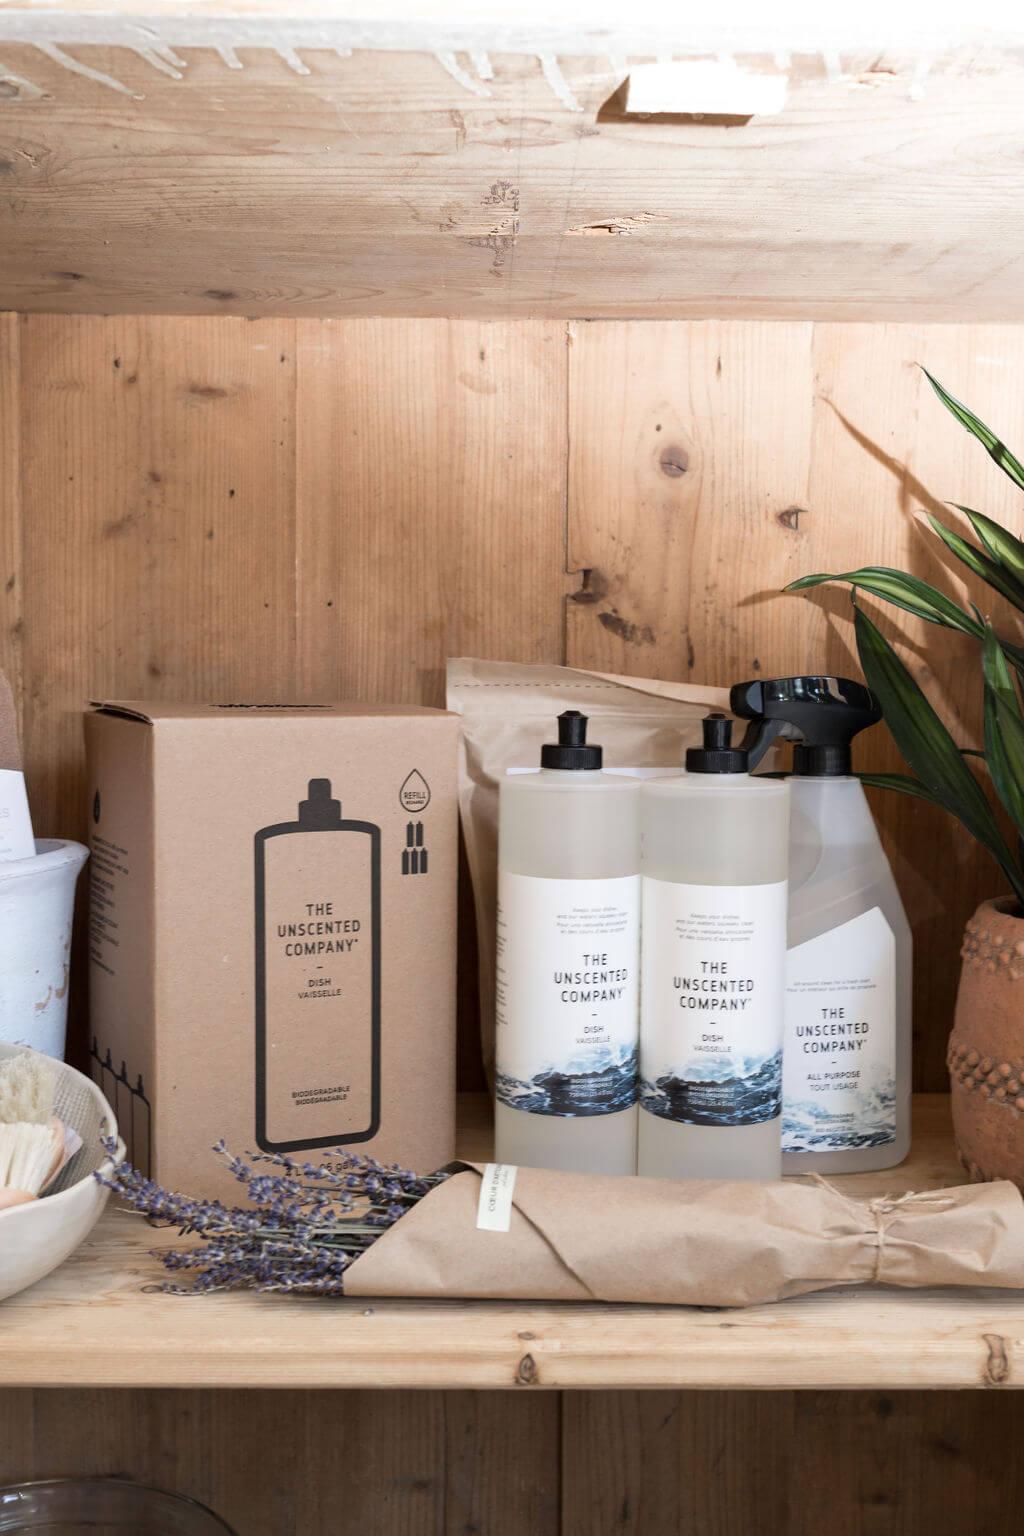 unscented company produit boutique décoration intérieur.jpg